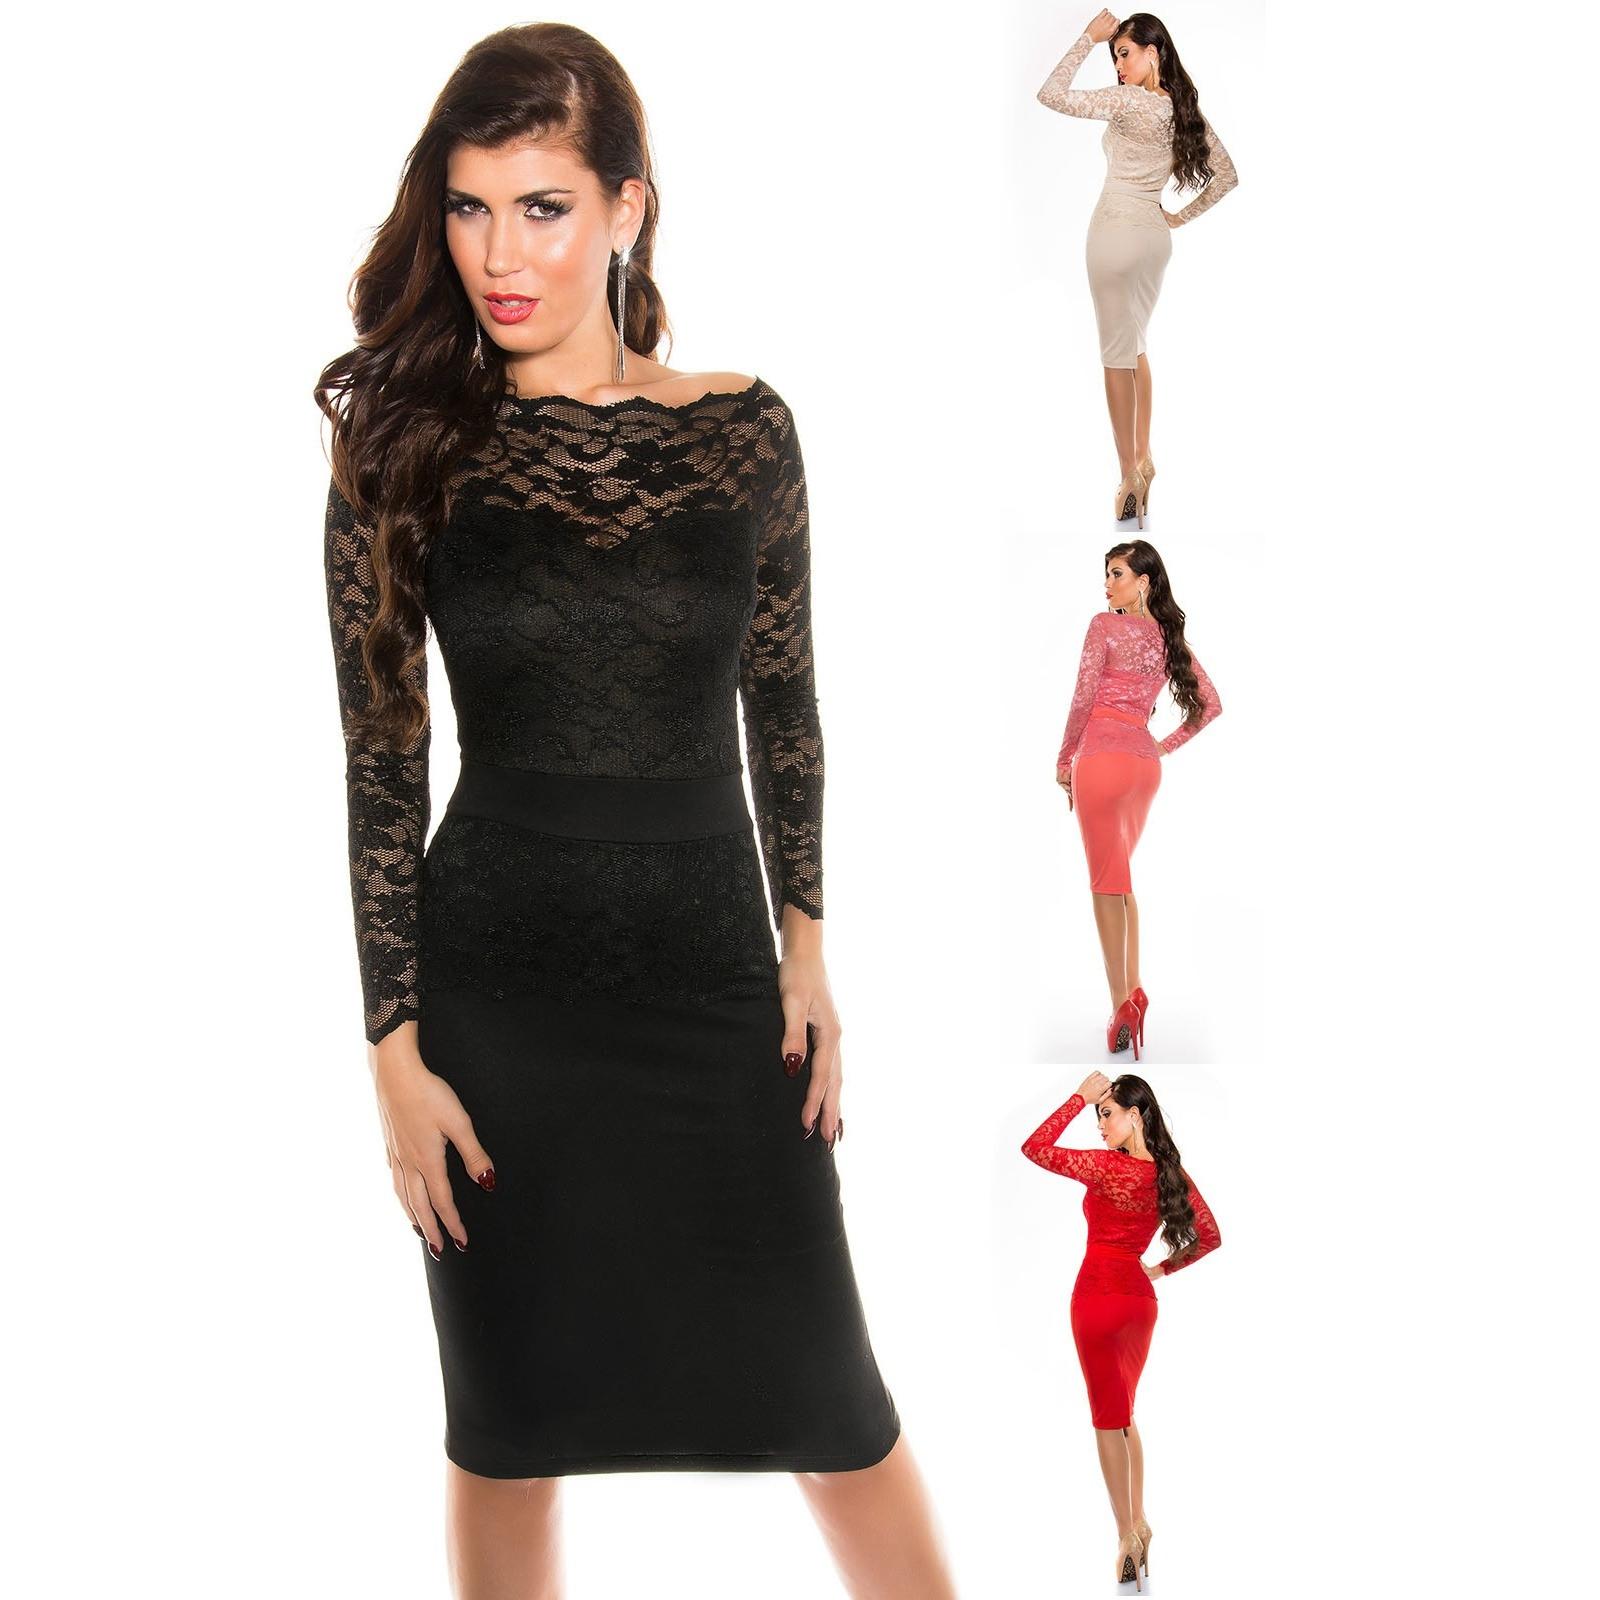 17 Kreativ Damen Kleider Knielang für 2019Abend Ausgezeichnet Damen Kleider Knielang für 2019